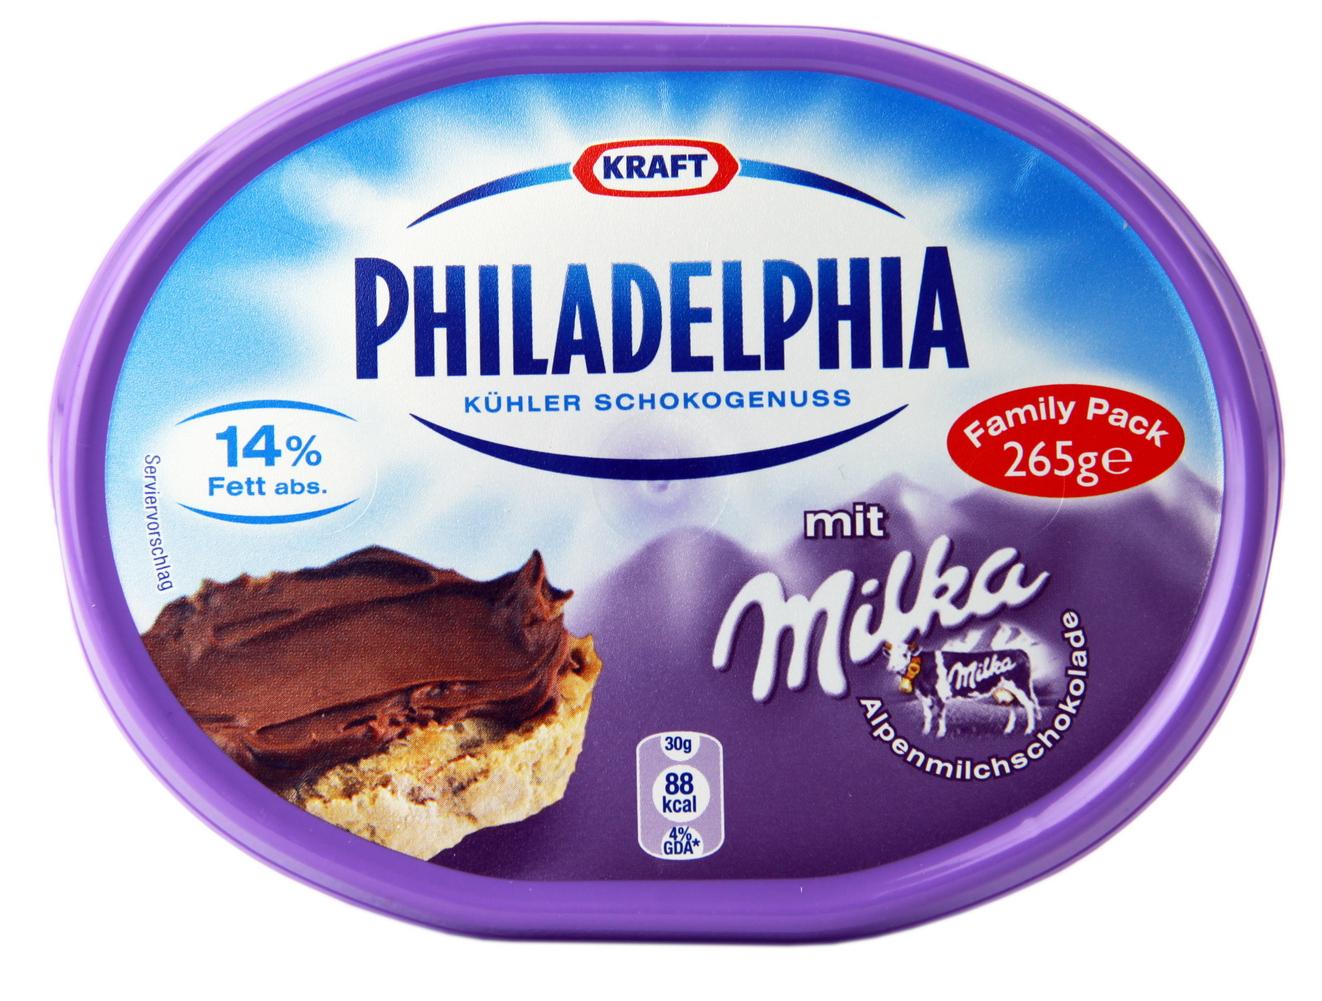 0,50€ Sofort-Rabatt-Coupon für Philadelphia Milka zum Ausdrucken in PDF bis 16.09.2017